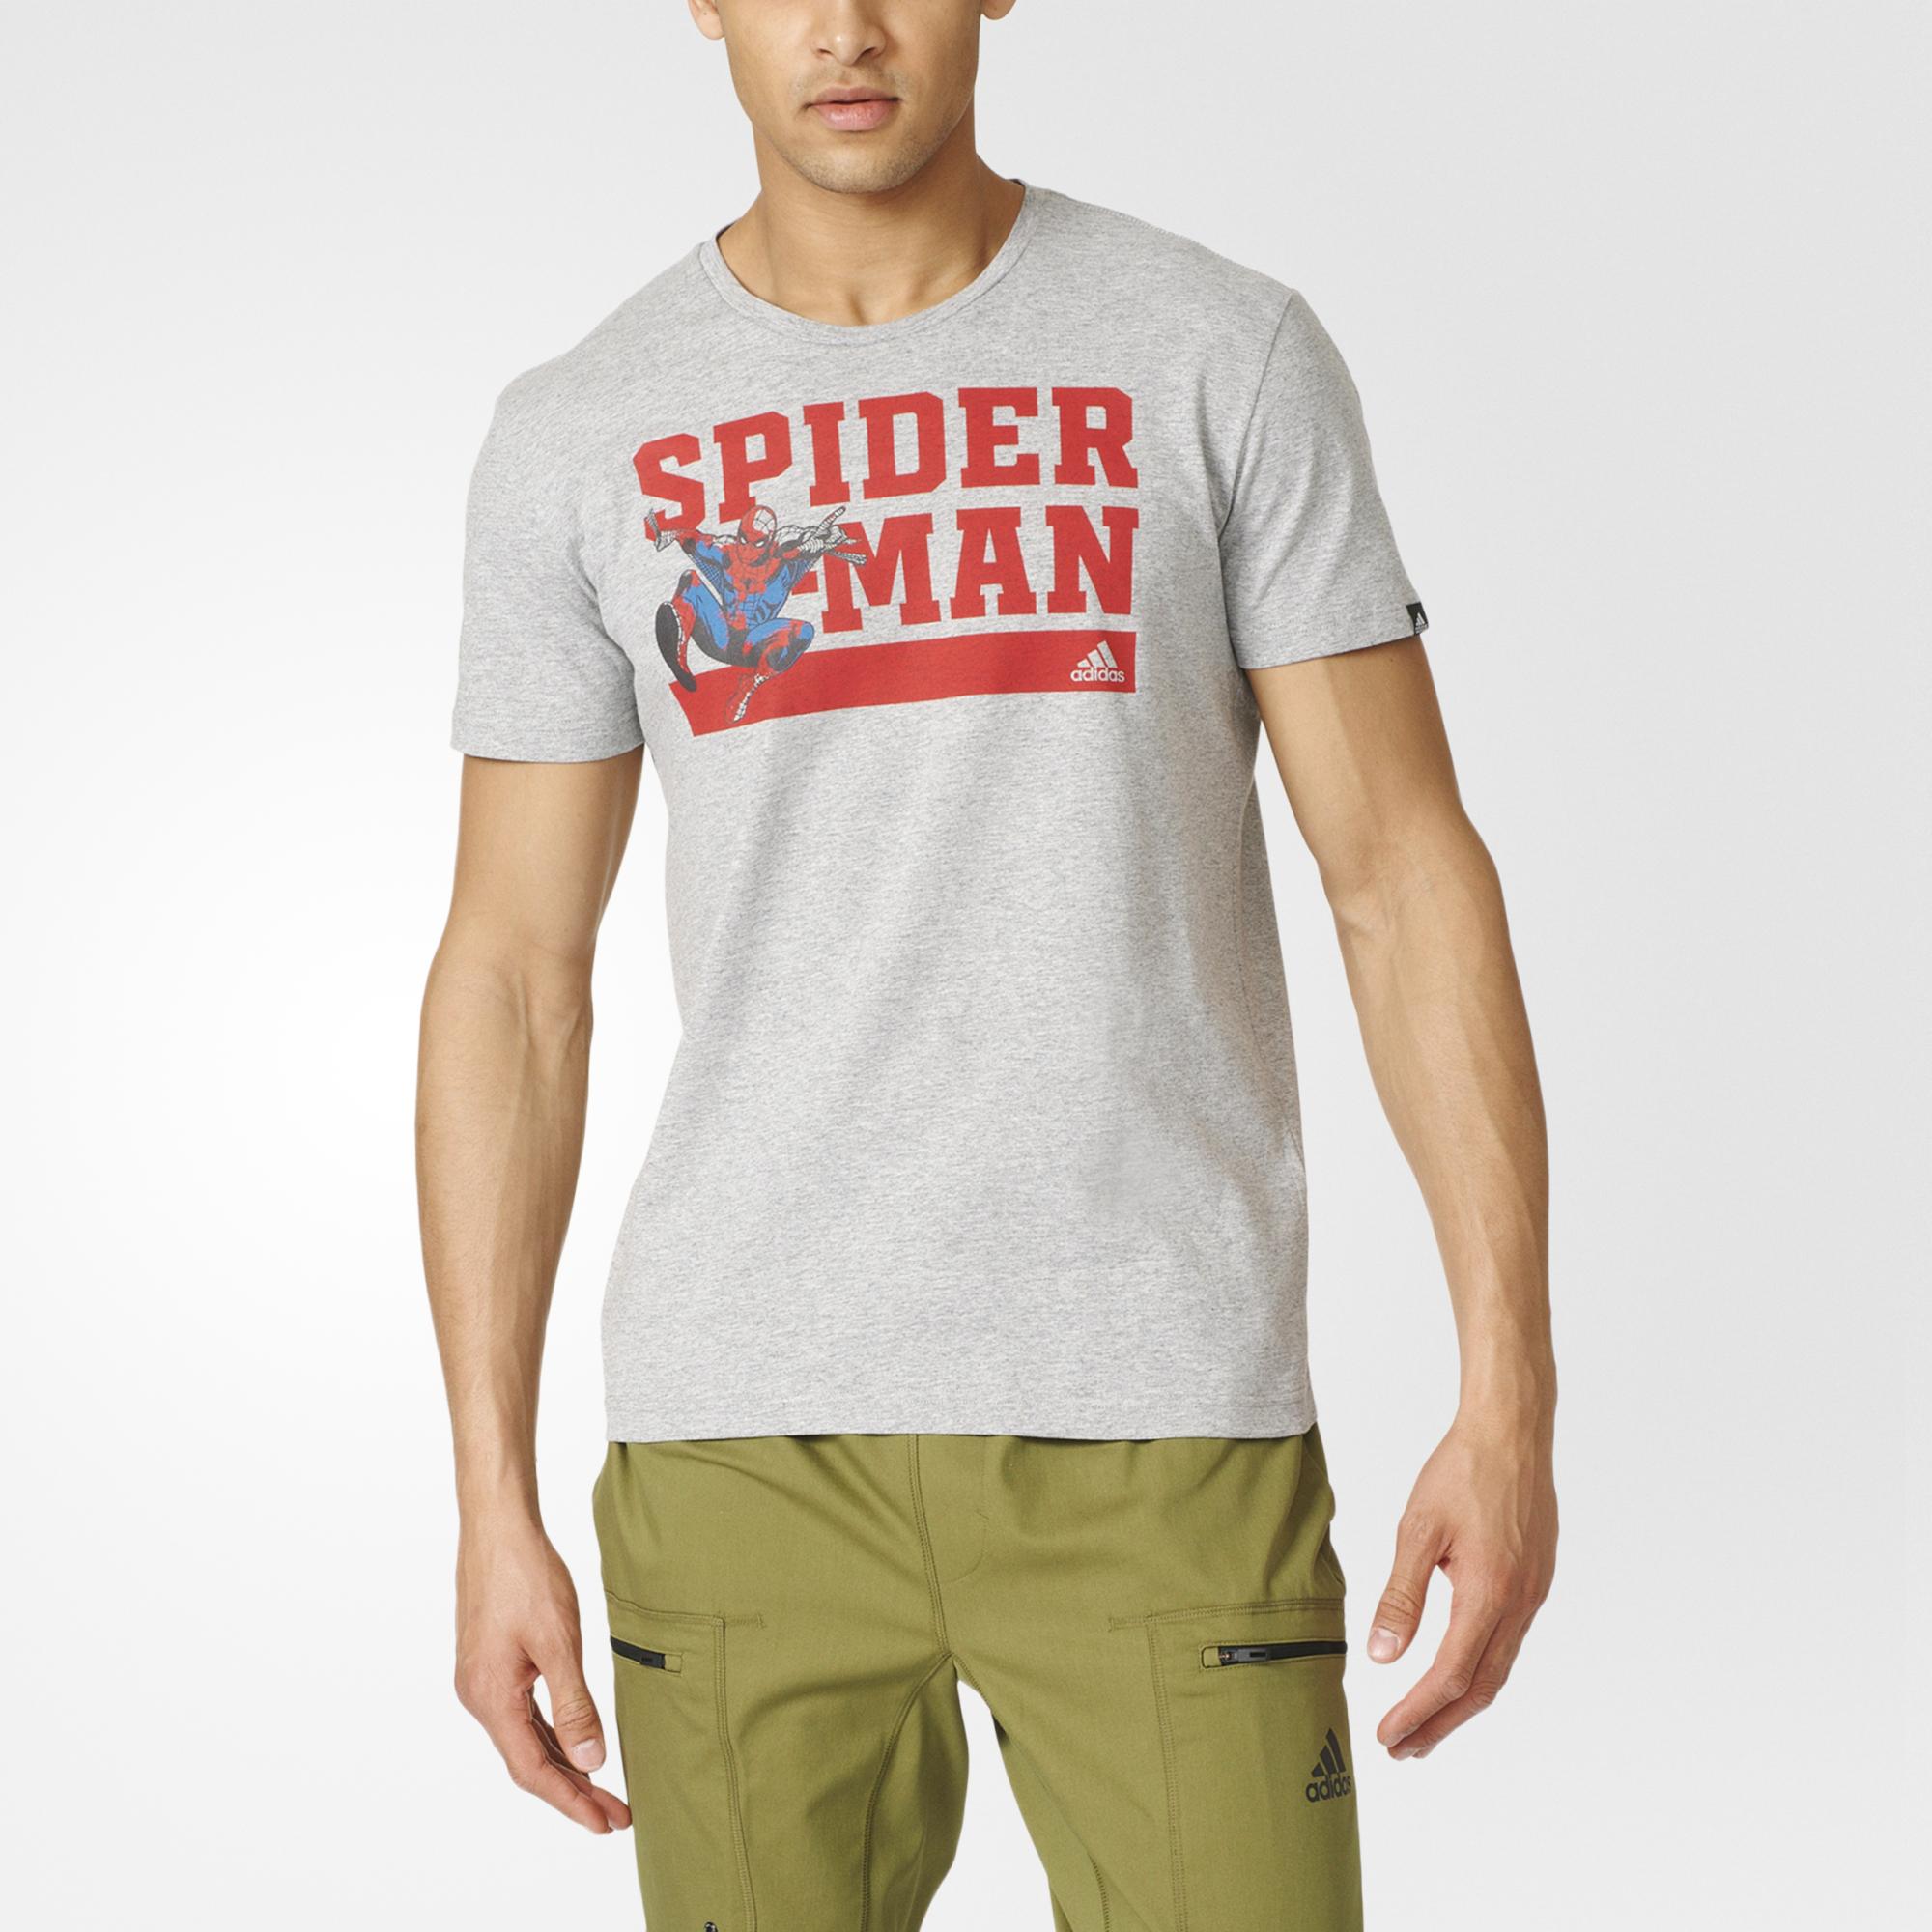 8536d67710 Adidas Spider Man Ay7188 Férfi Póló | Póló